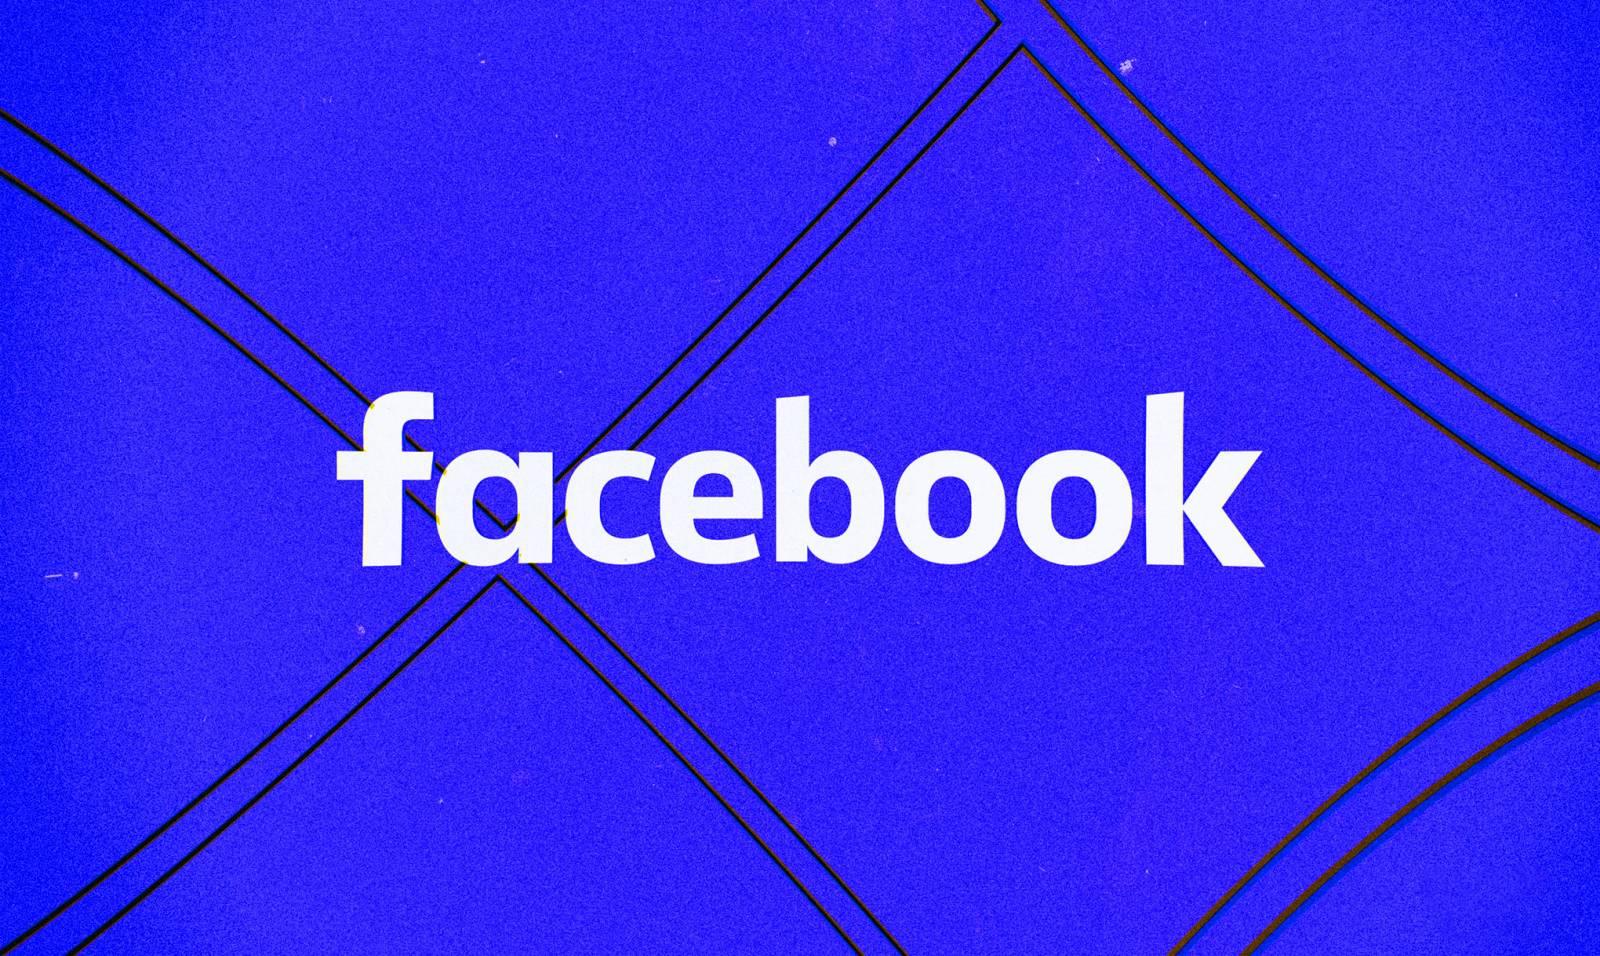 Facebook Update Nou Lansat, iata Noutatile Aduse in Telefoane